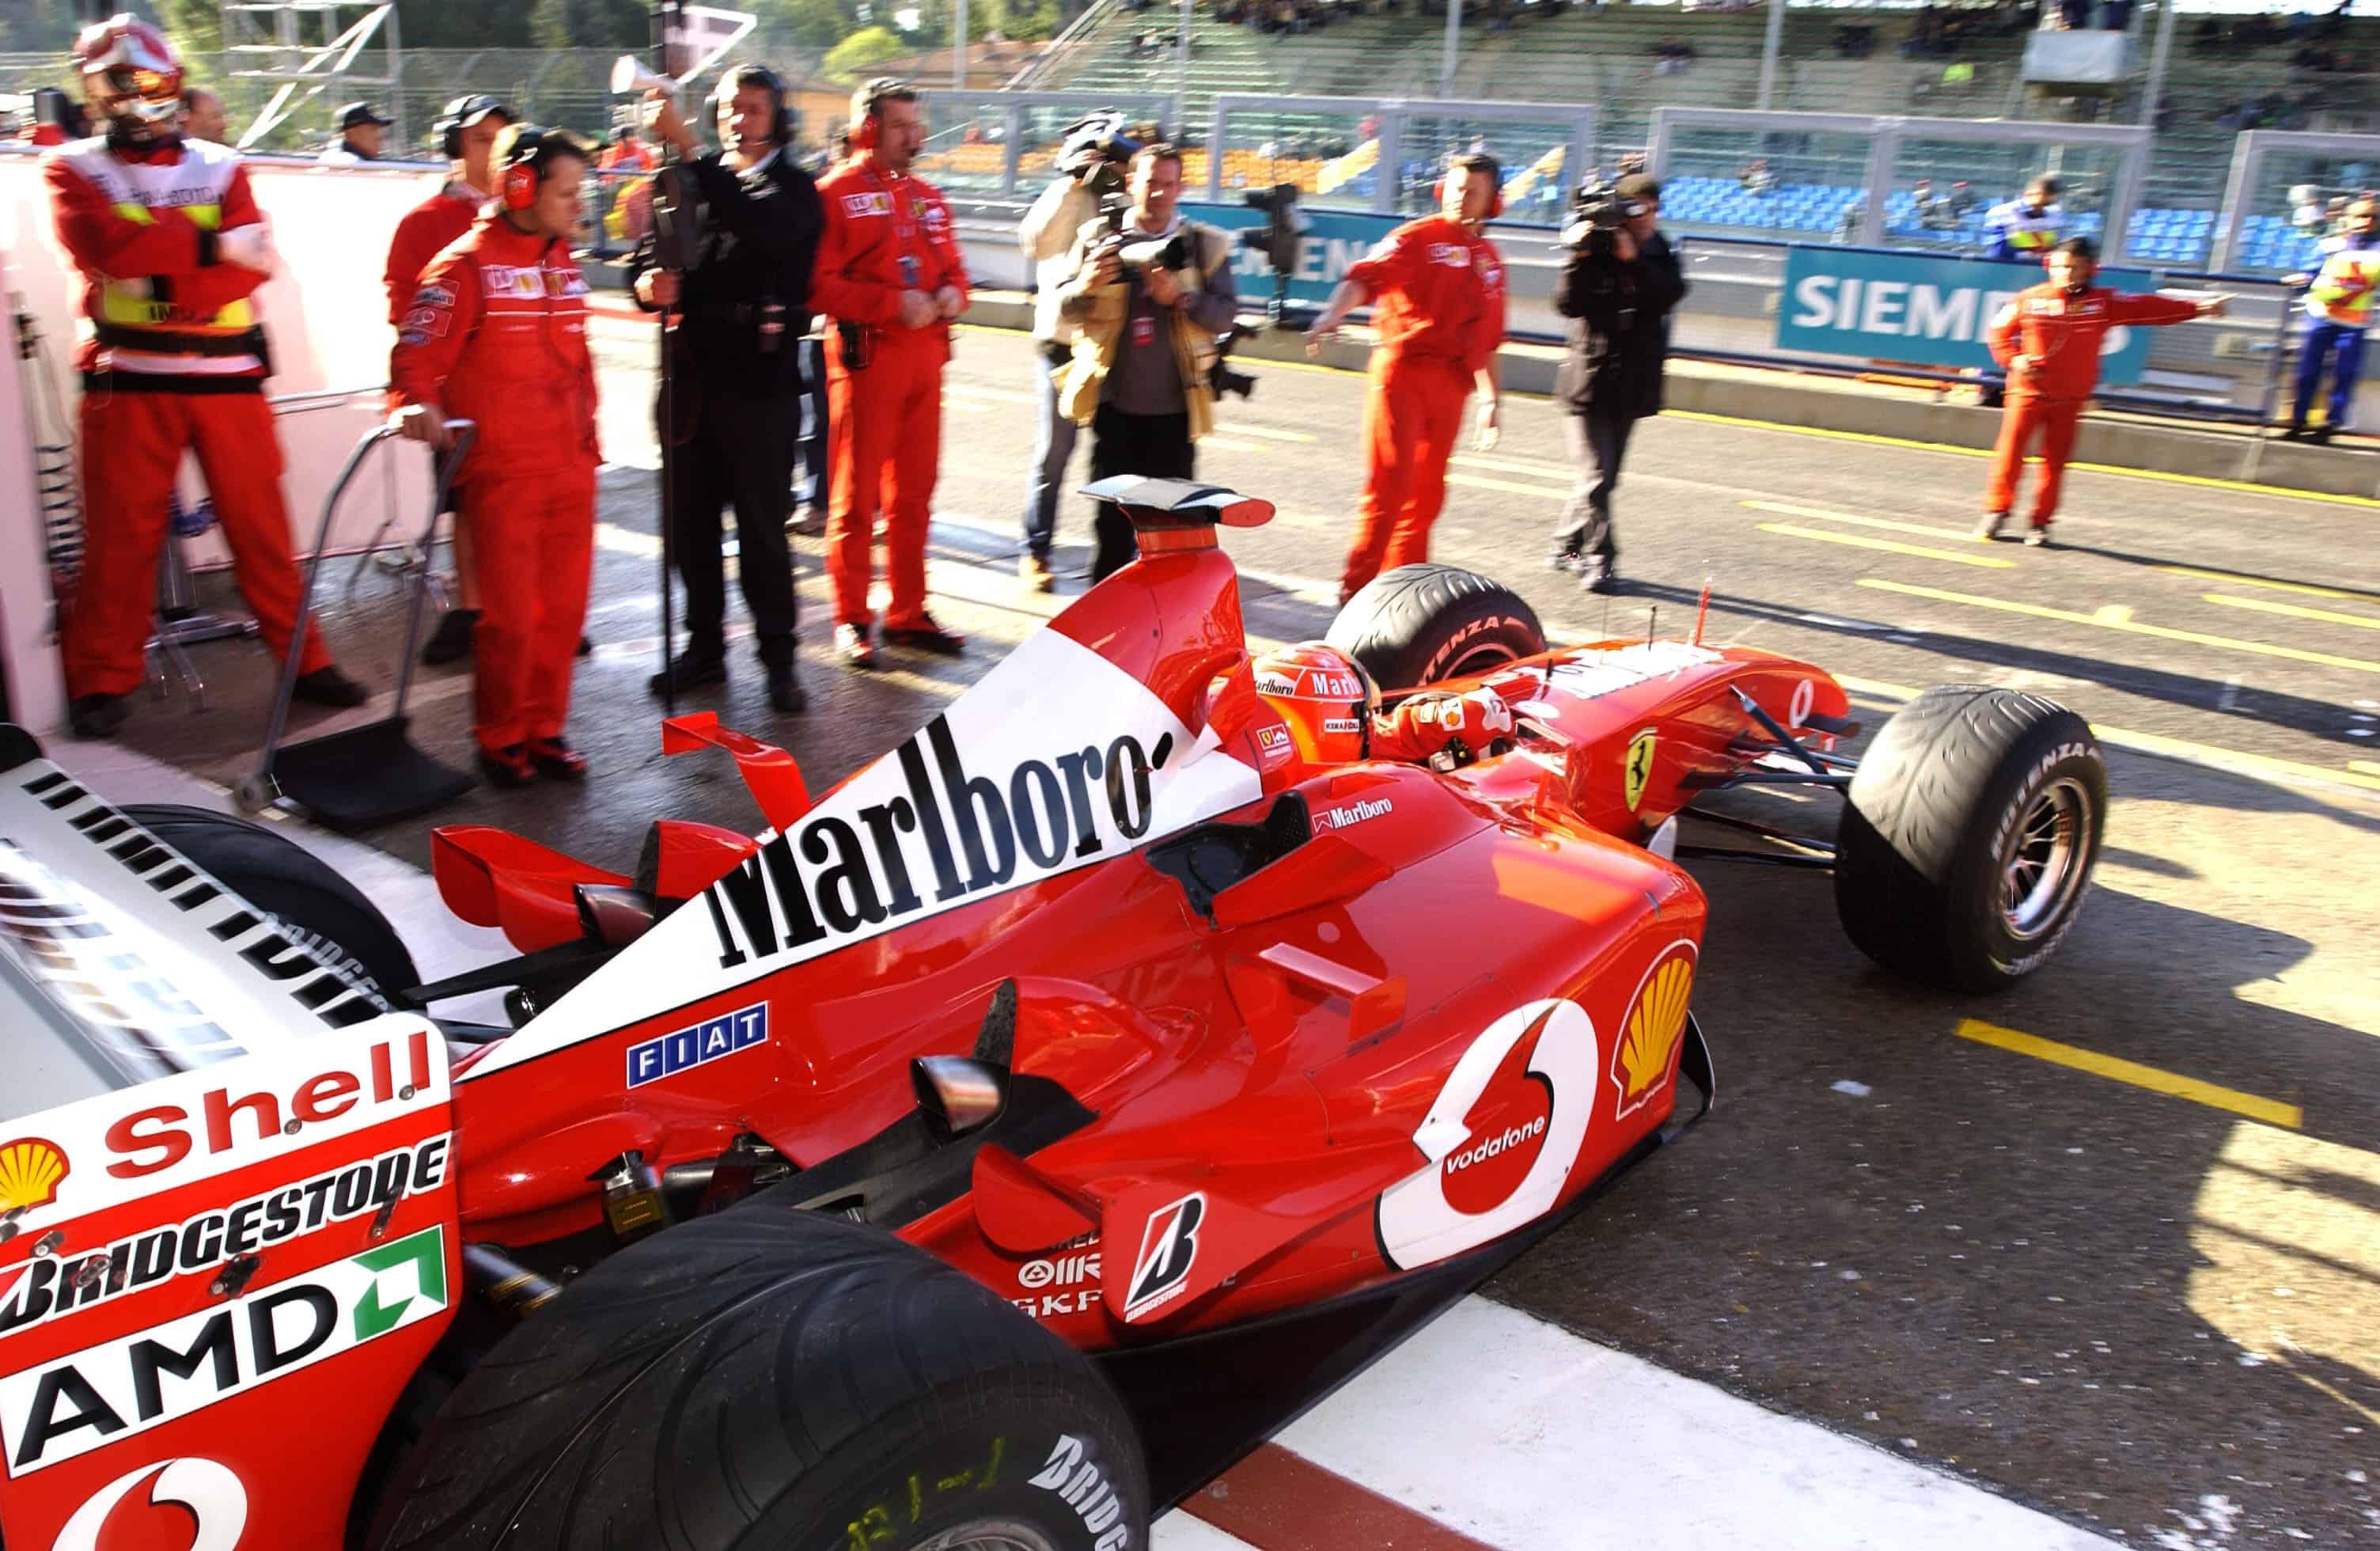 2002 F1 San Marino GP Imola Michael Schumacher pitlane Photo Ferrari